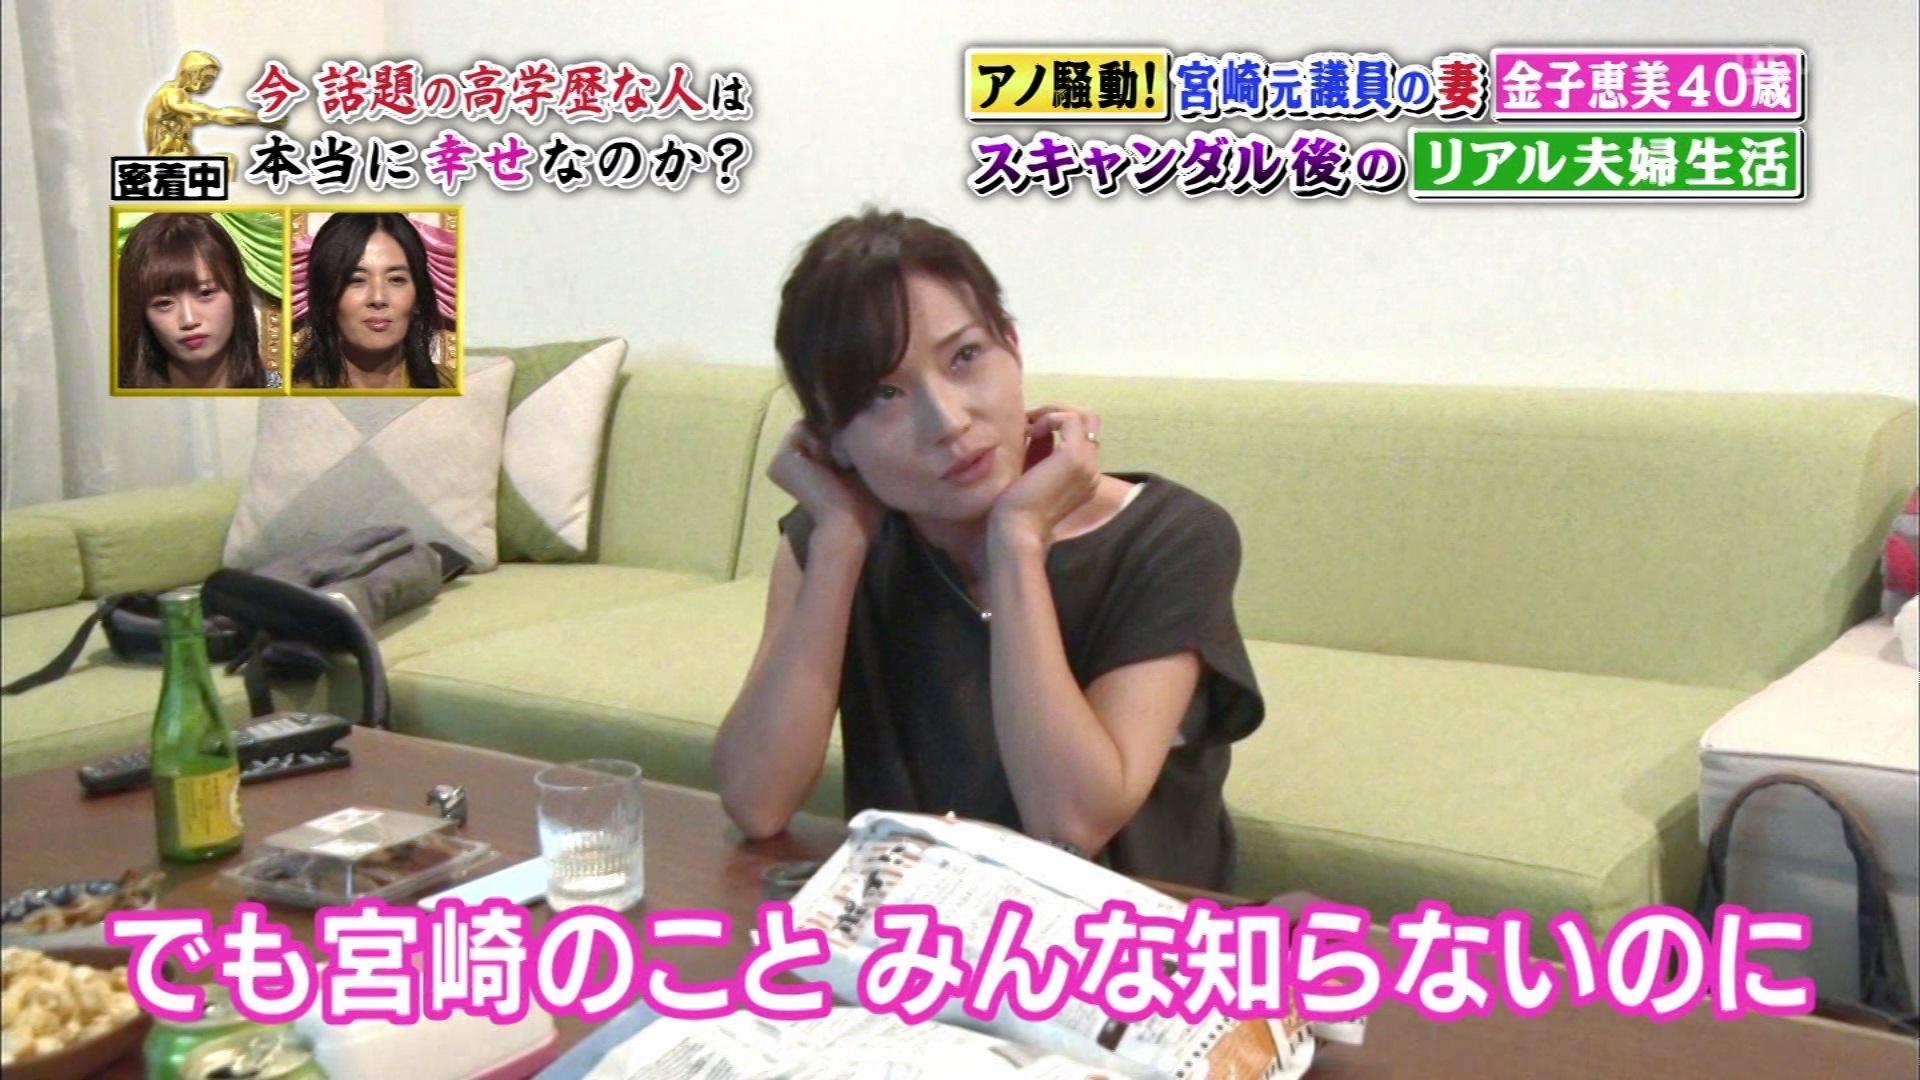 金子恵美さんの深イイ話画像-697